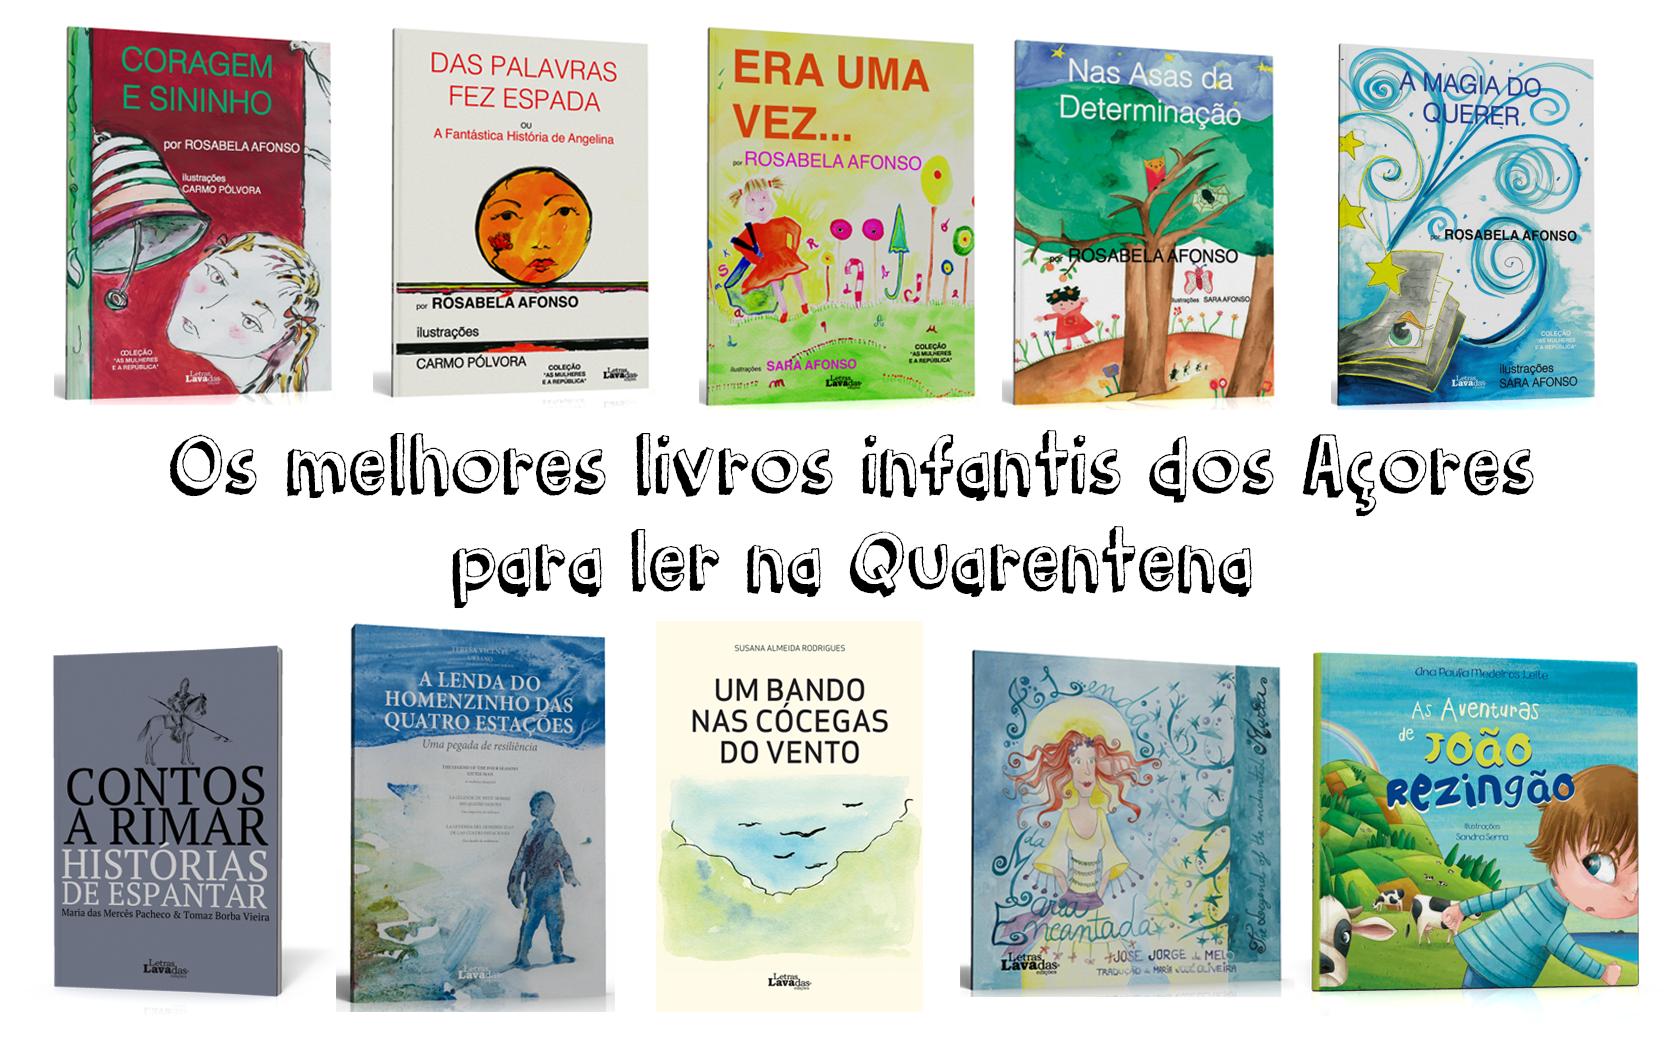 Top Azores: Os melhores livros infantis para ler na Quarentena